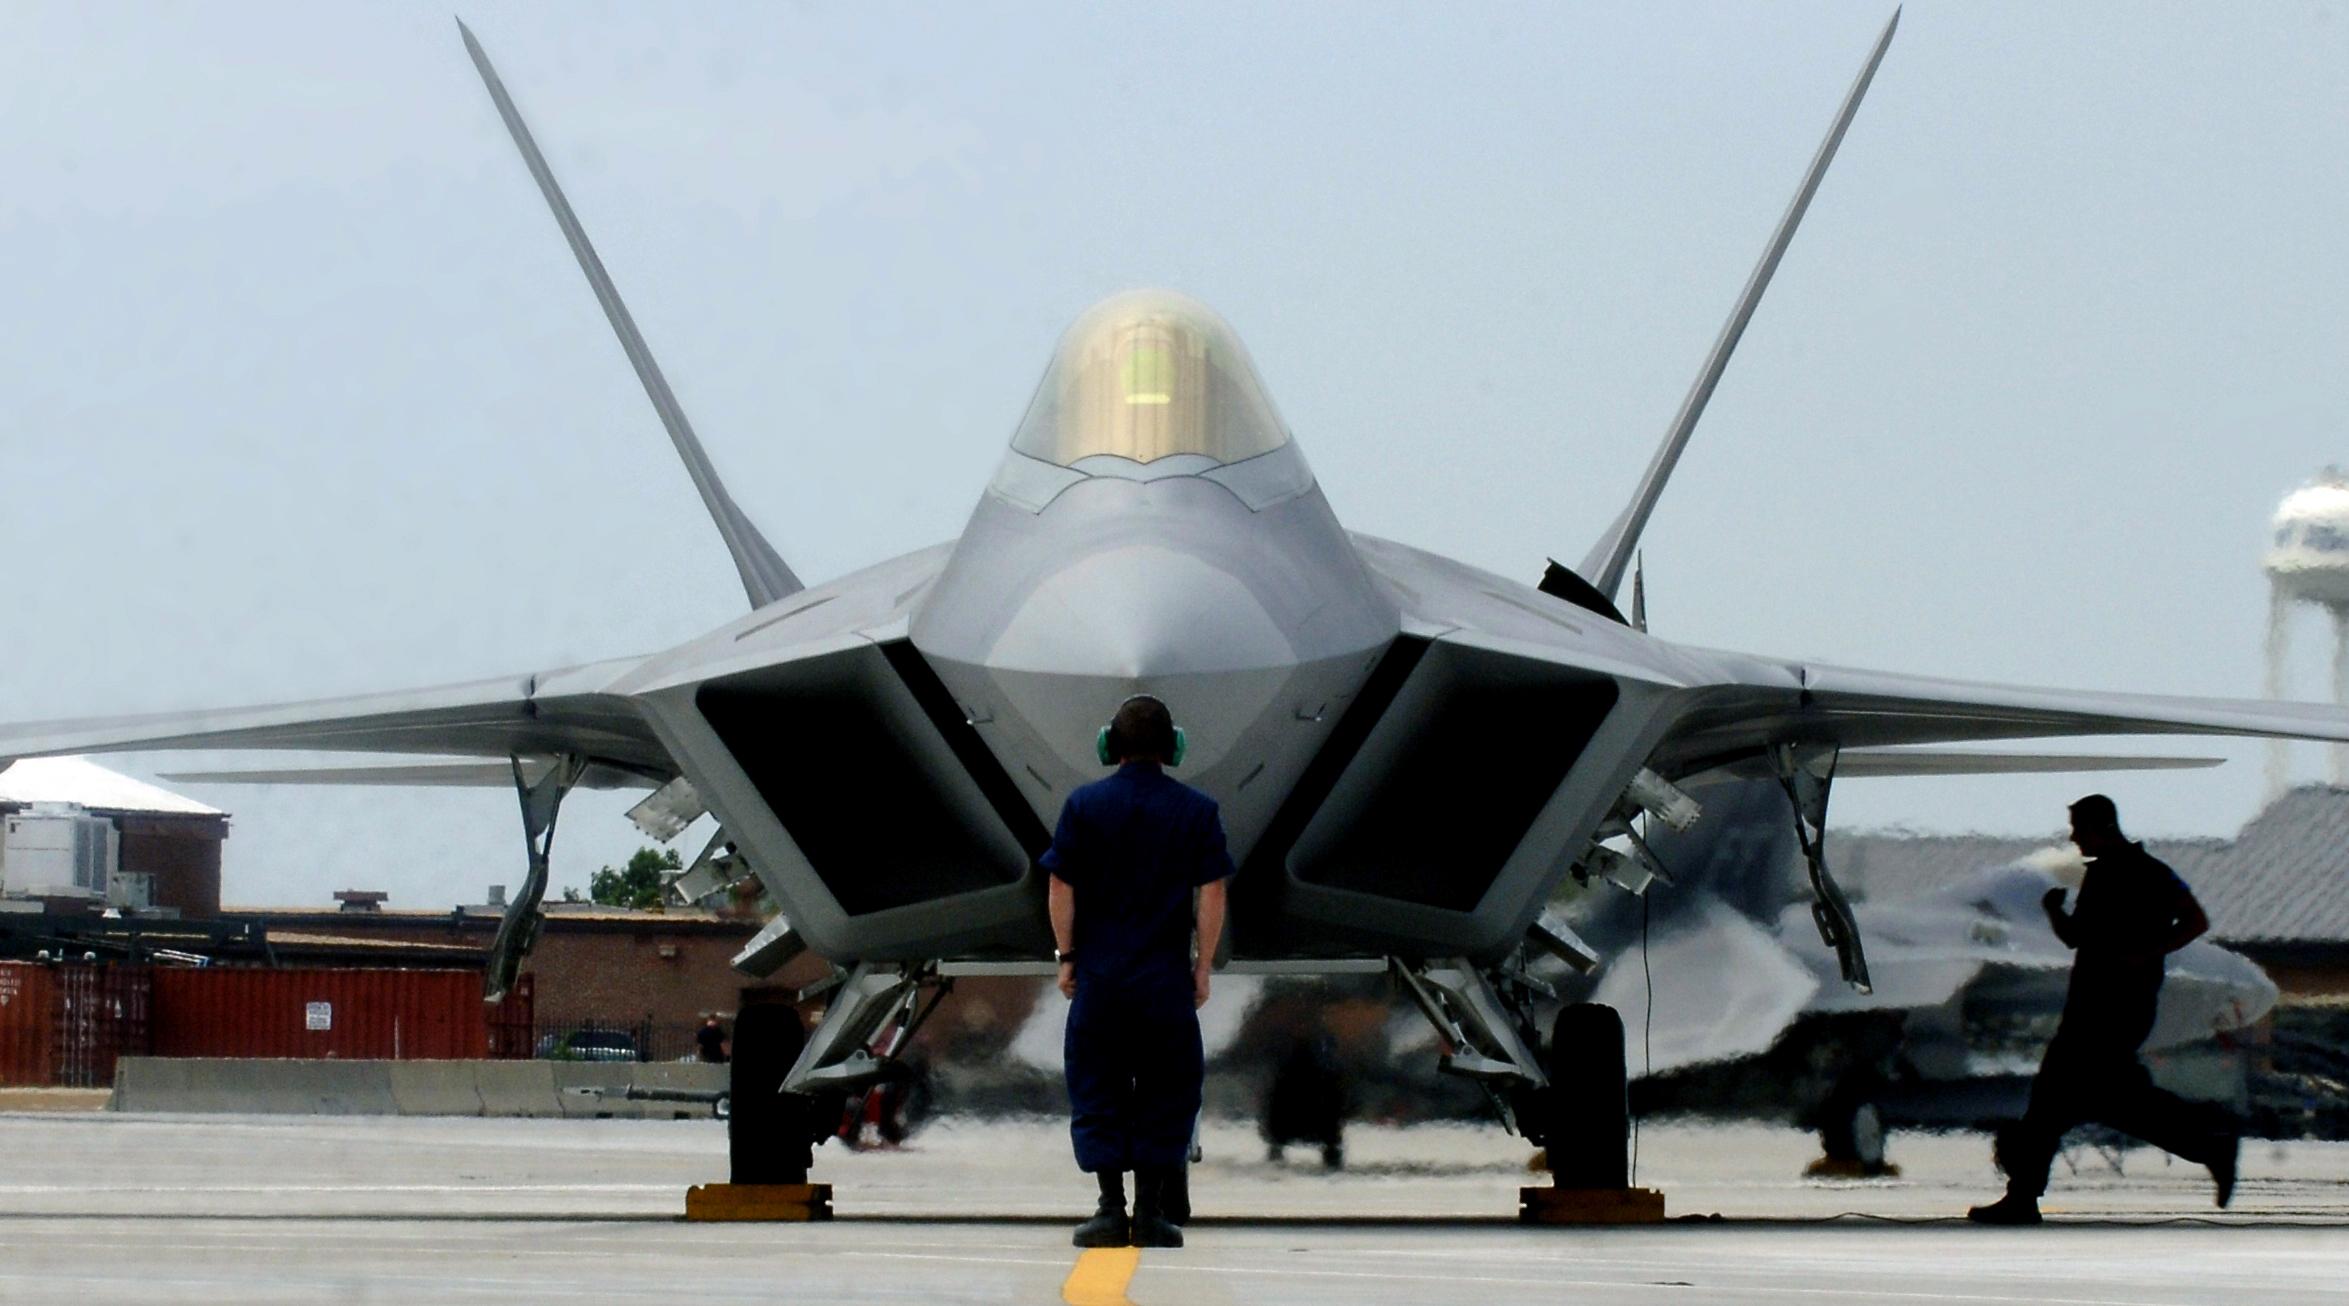 Theo tờ Dân Trí, truyền thông Hàn Quốc ngày 16/2 dẫn lời các quan chức giấu tên nước này cho biết Mỹ sẽ cử 4 máy bay chiến đấu tàng hình F-22 tới Hàn Quốc.